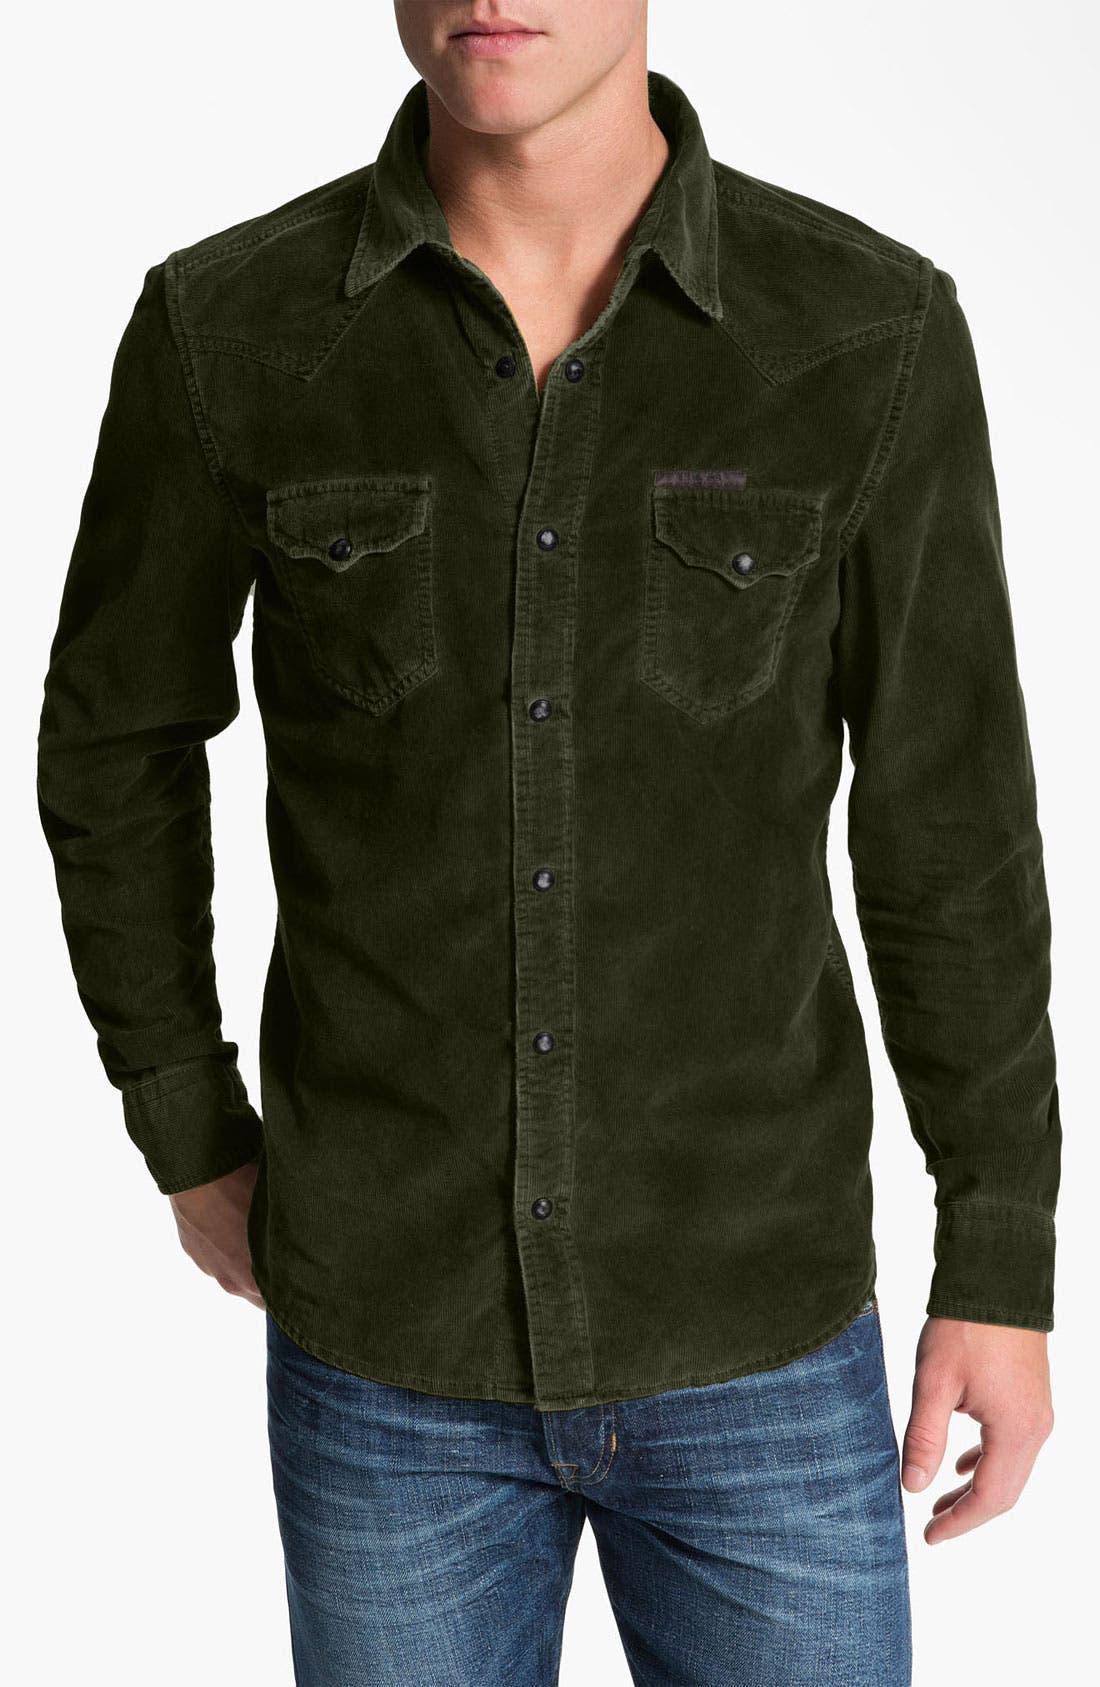 Alternate Image 1 Selected - DIESEL® 'Svarog' Corduroy Shirt